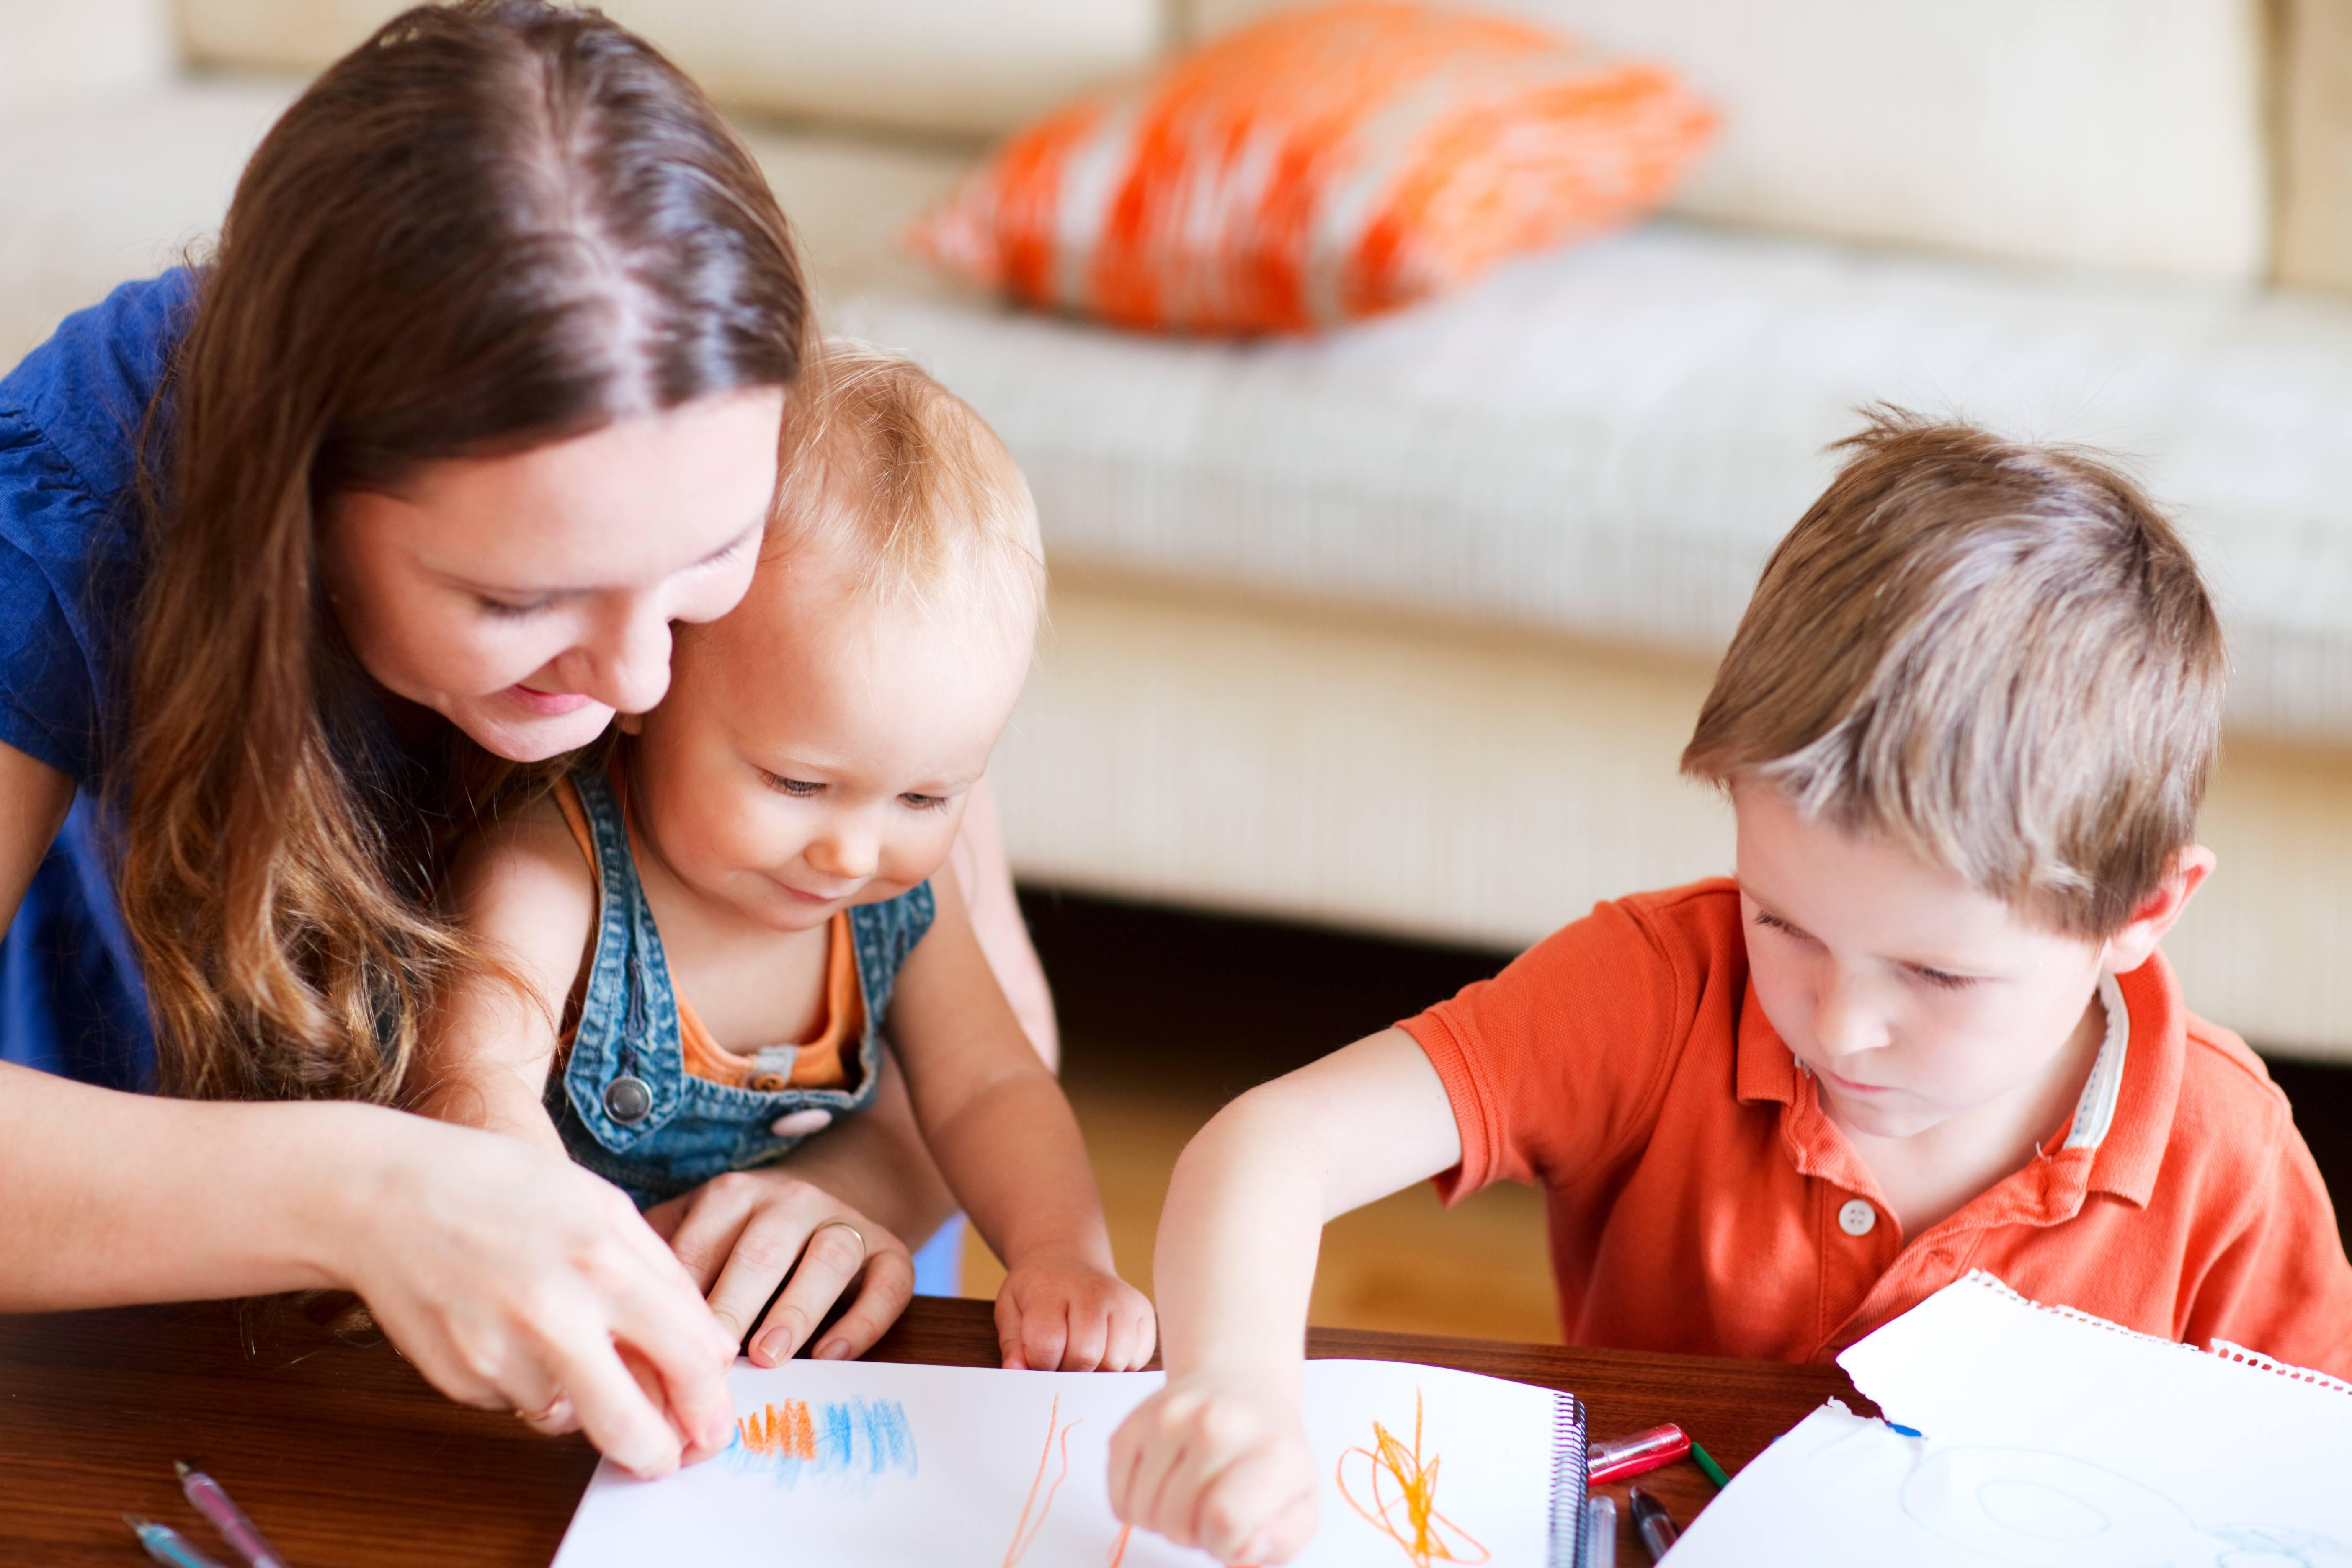 giochi da fare in casa con i bambini